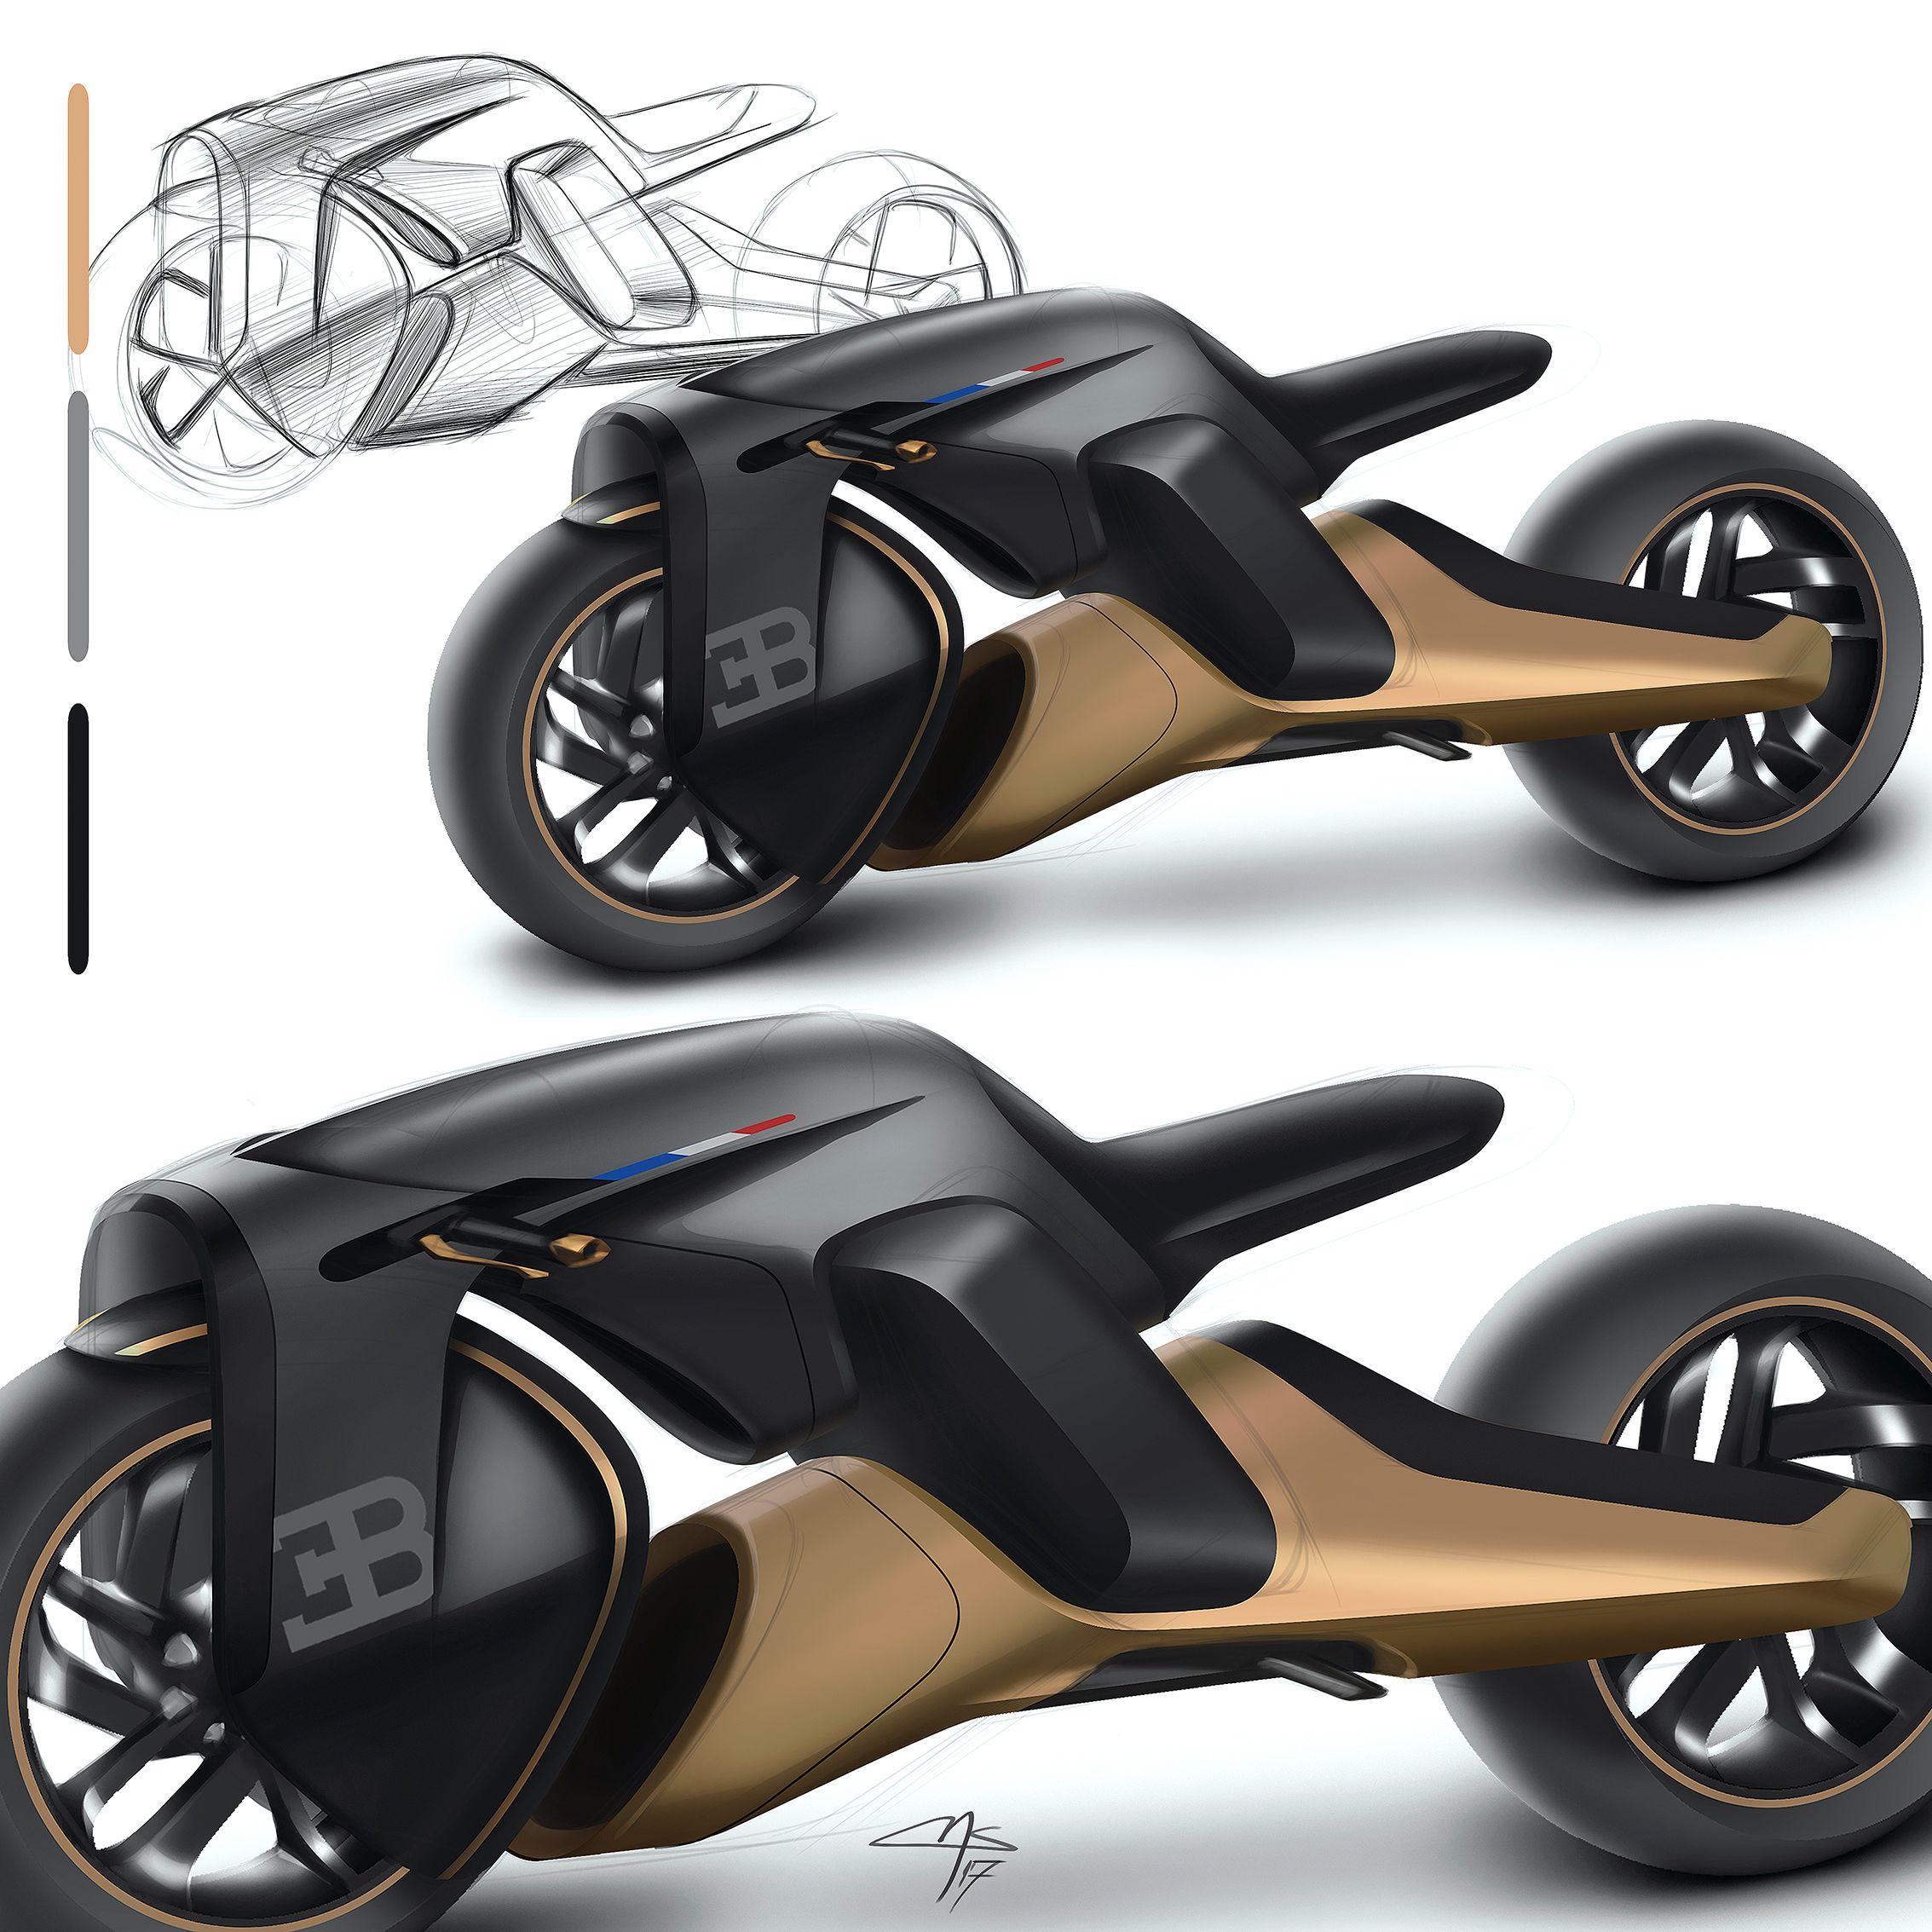 Bugatti Concept Bike Challenge Free Project Bugatti Concept